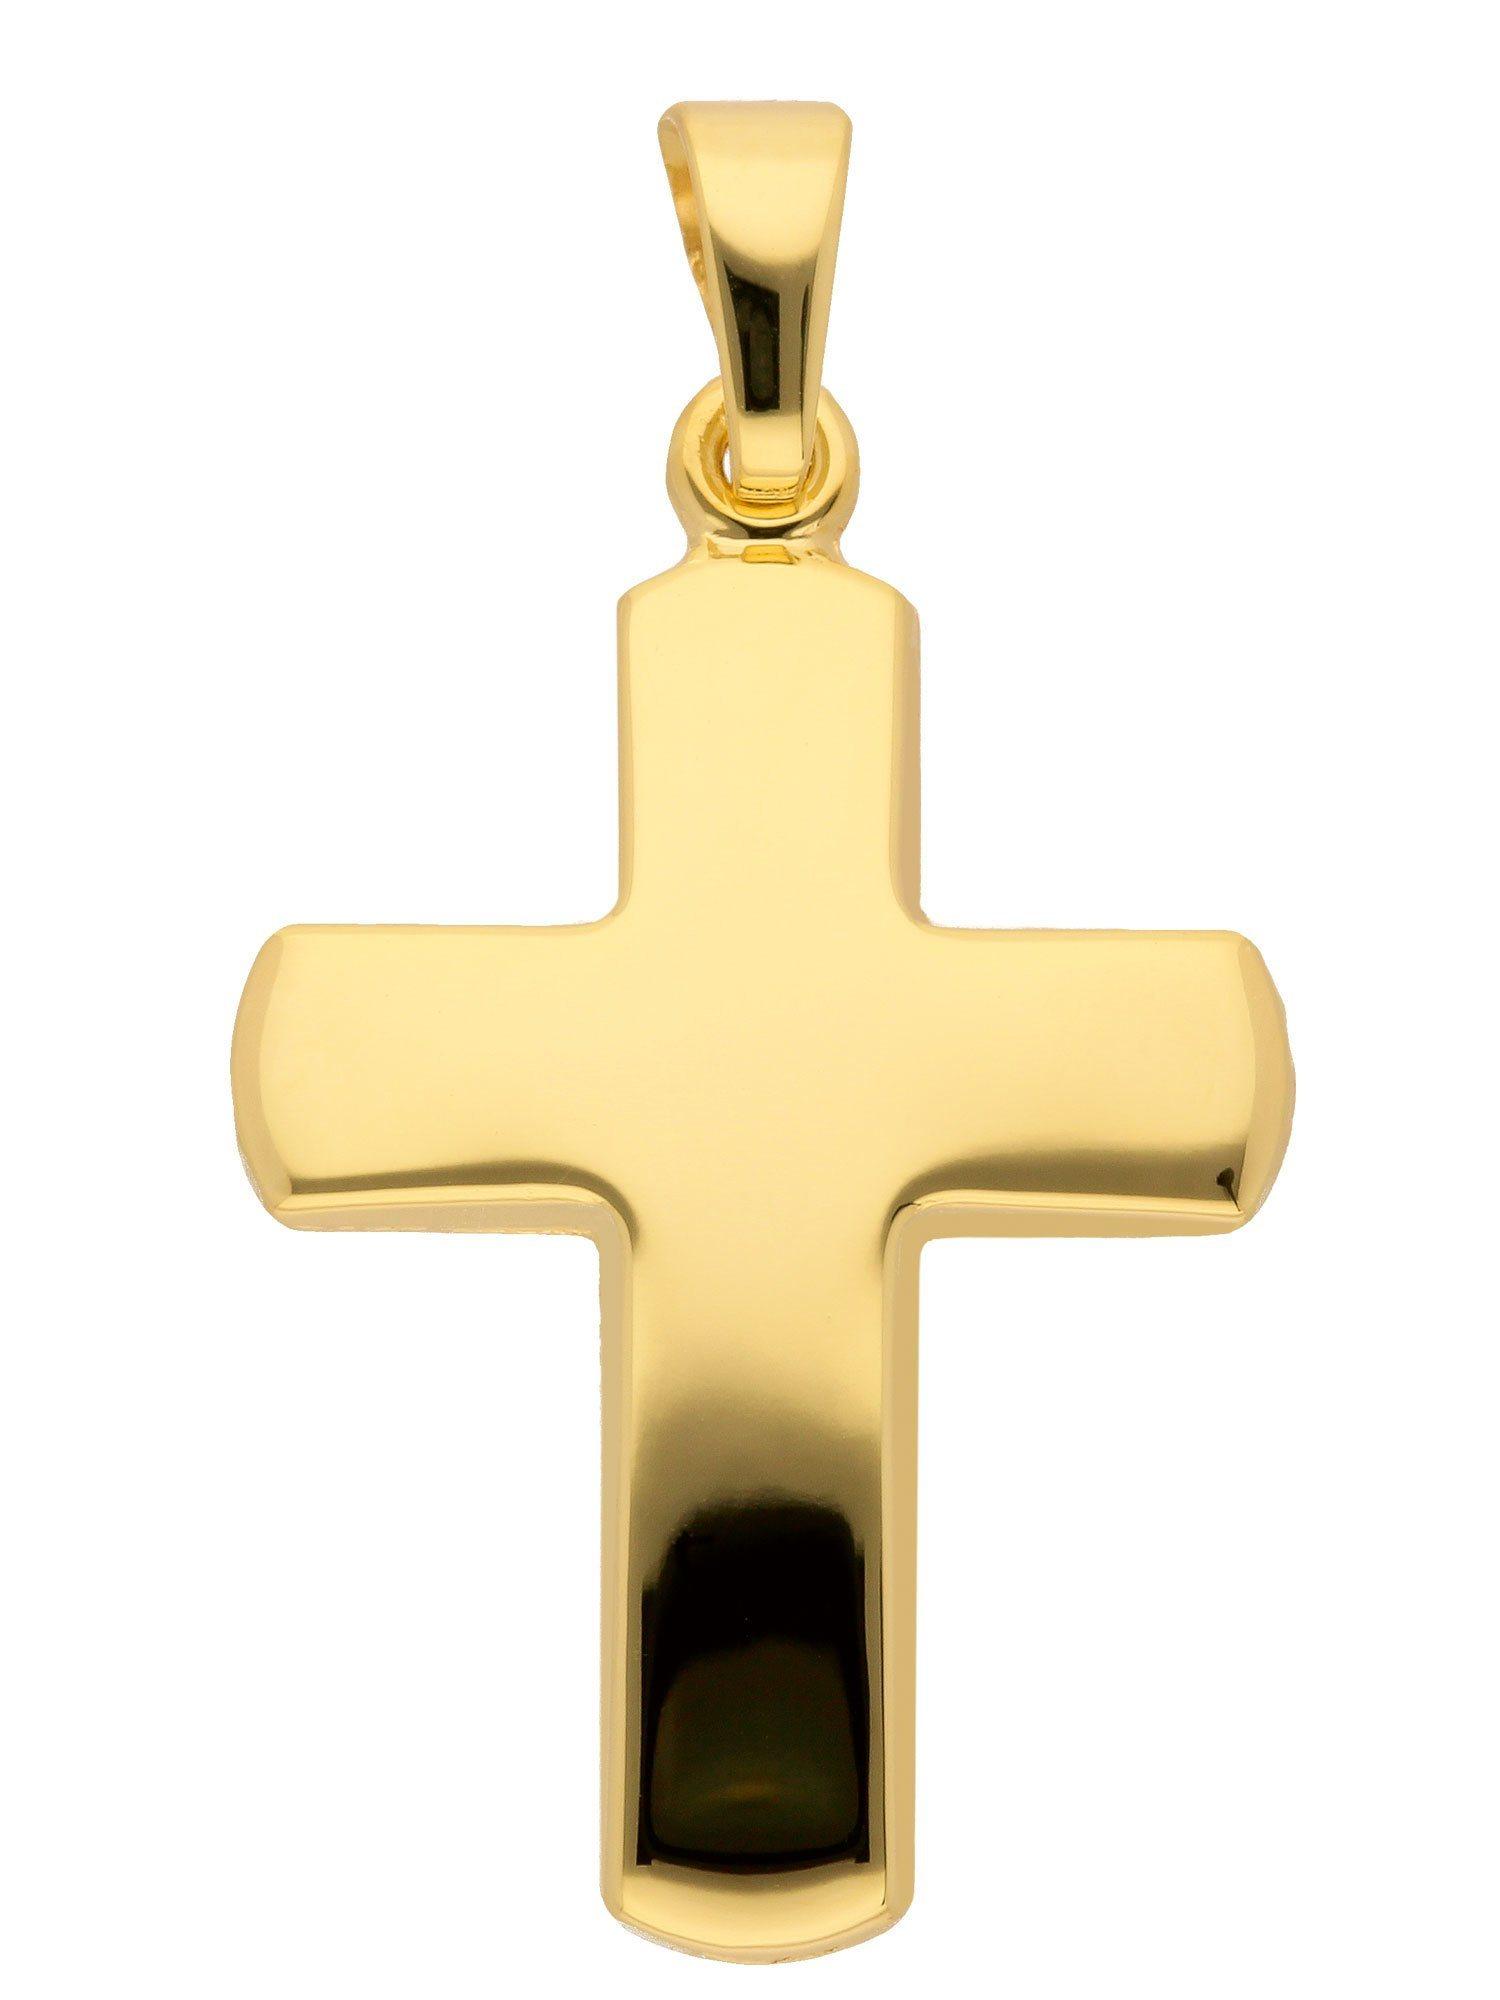 Adelia´s Kettenanhänger »Gold Anhänger« 14 k 585 Gelbgold | Schmuck > Halsketten > Ketten ohne Anhänger | Adelia´s